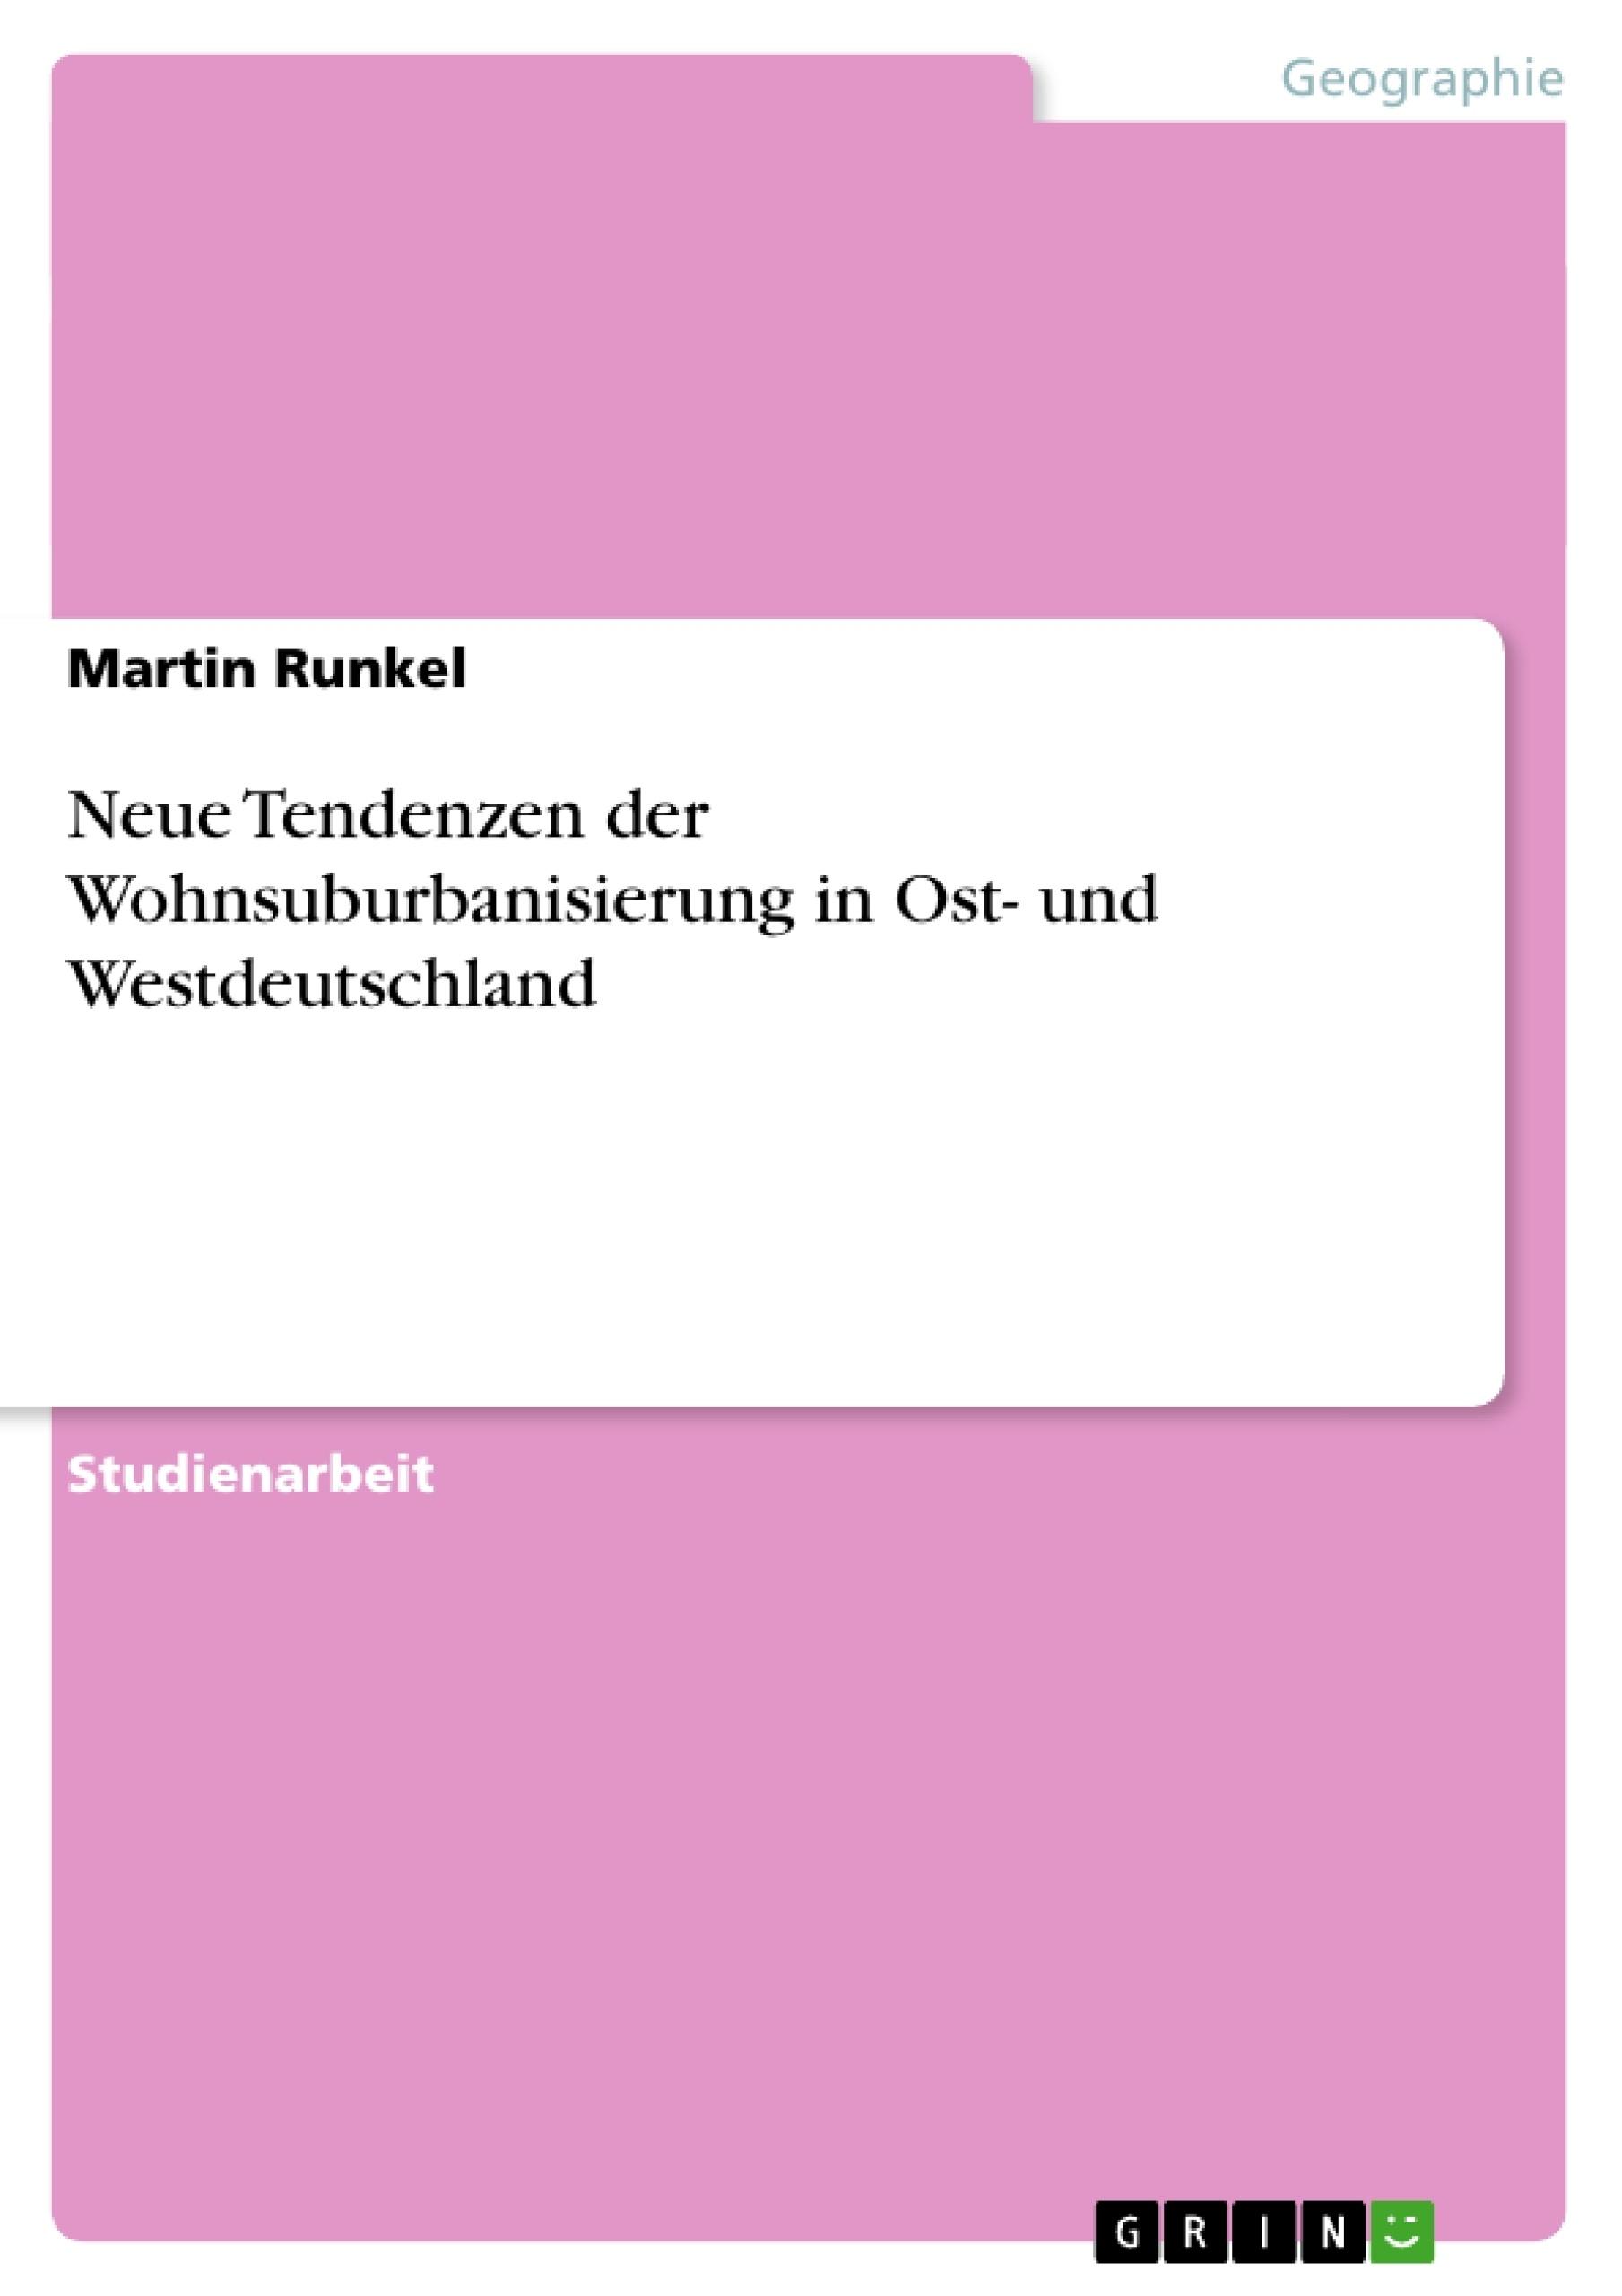 Titel: Neue Tendenzen der Wohnsuburbanisierung in Ost- und Westdeutschland